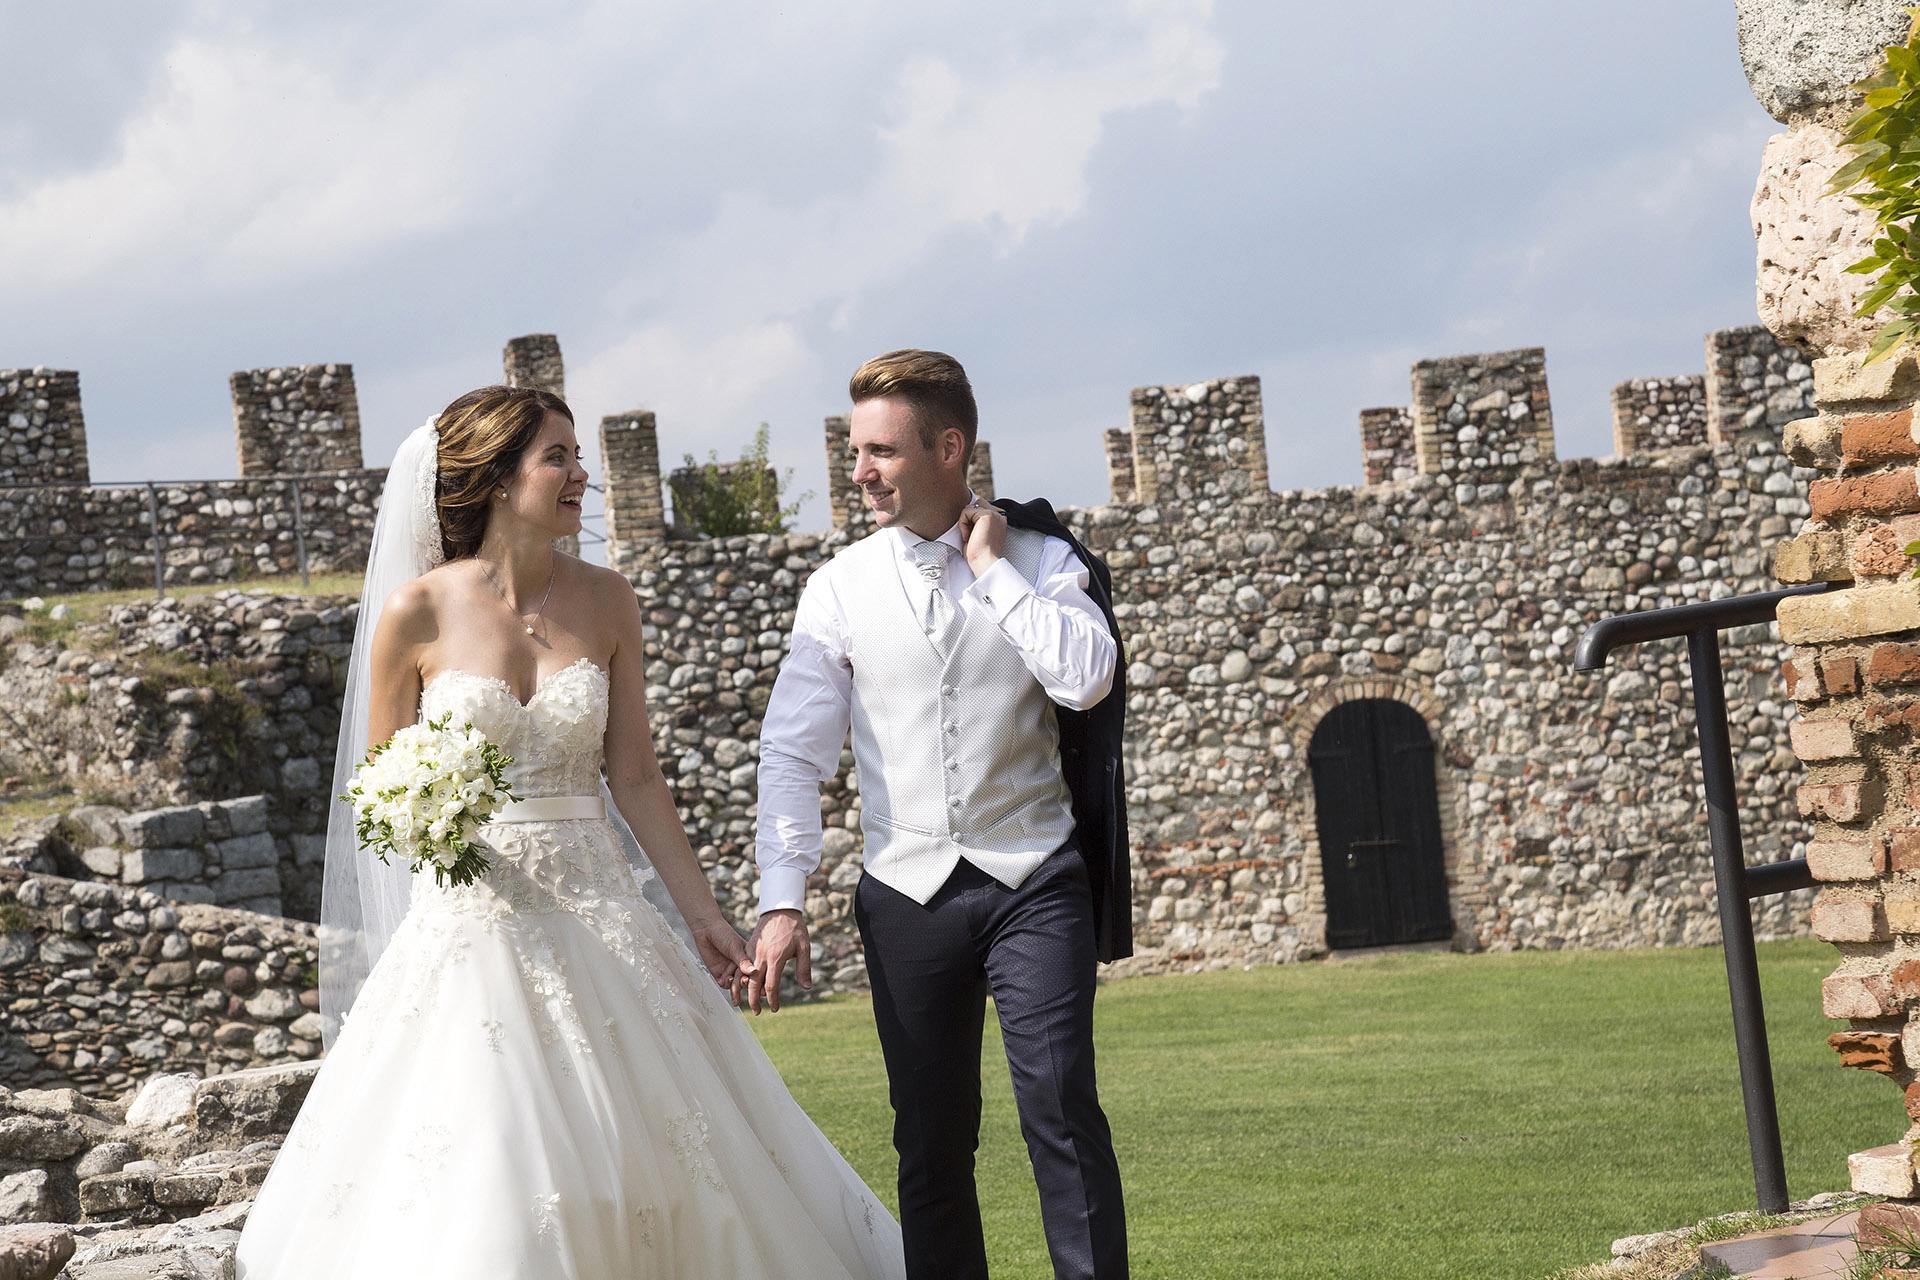 Matrimonio Elisa & Gionata a Corte Cola, Castiglione delle Stiviere (MN) - L'Uomo Griffe Boutique